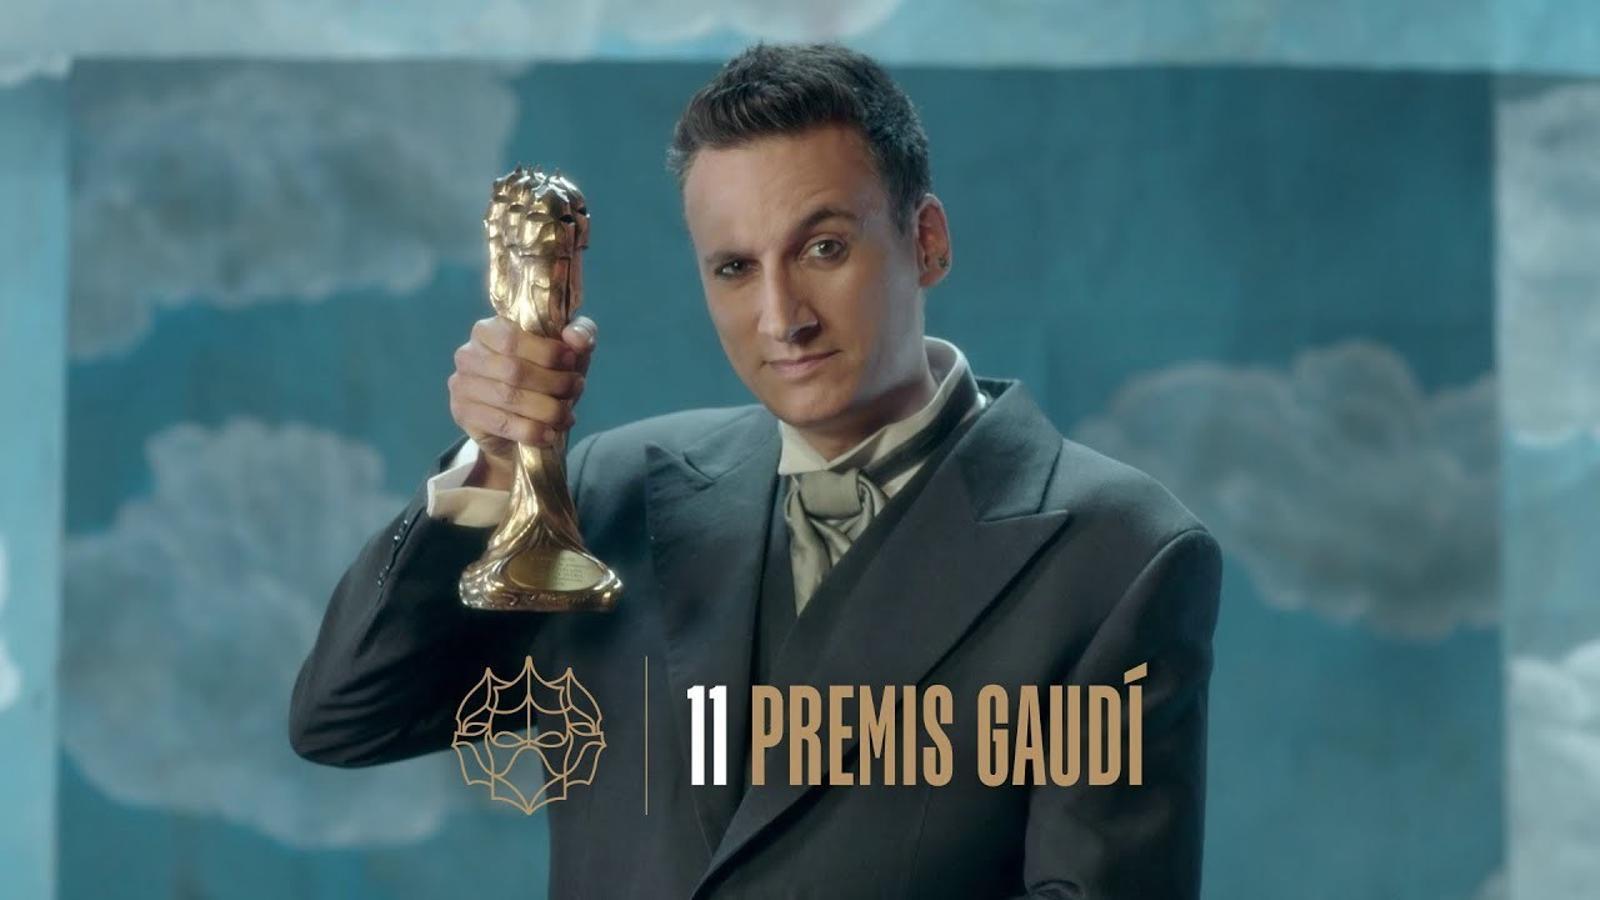 L'espot dels XI Premis Gaudí